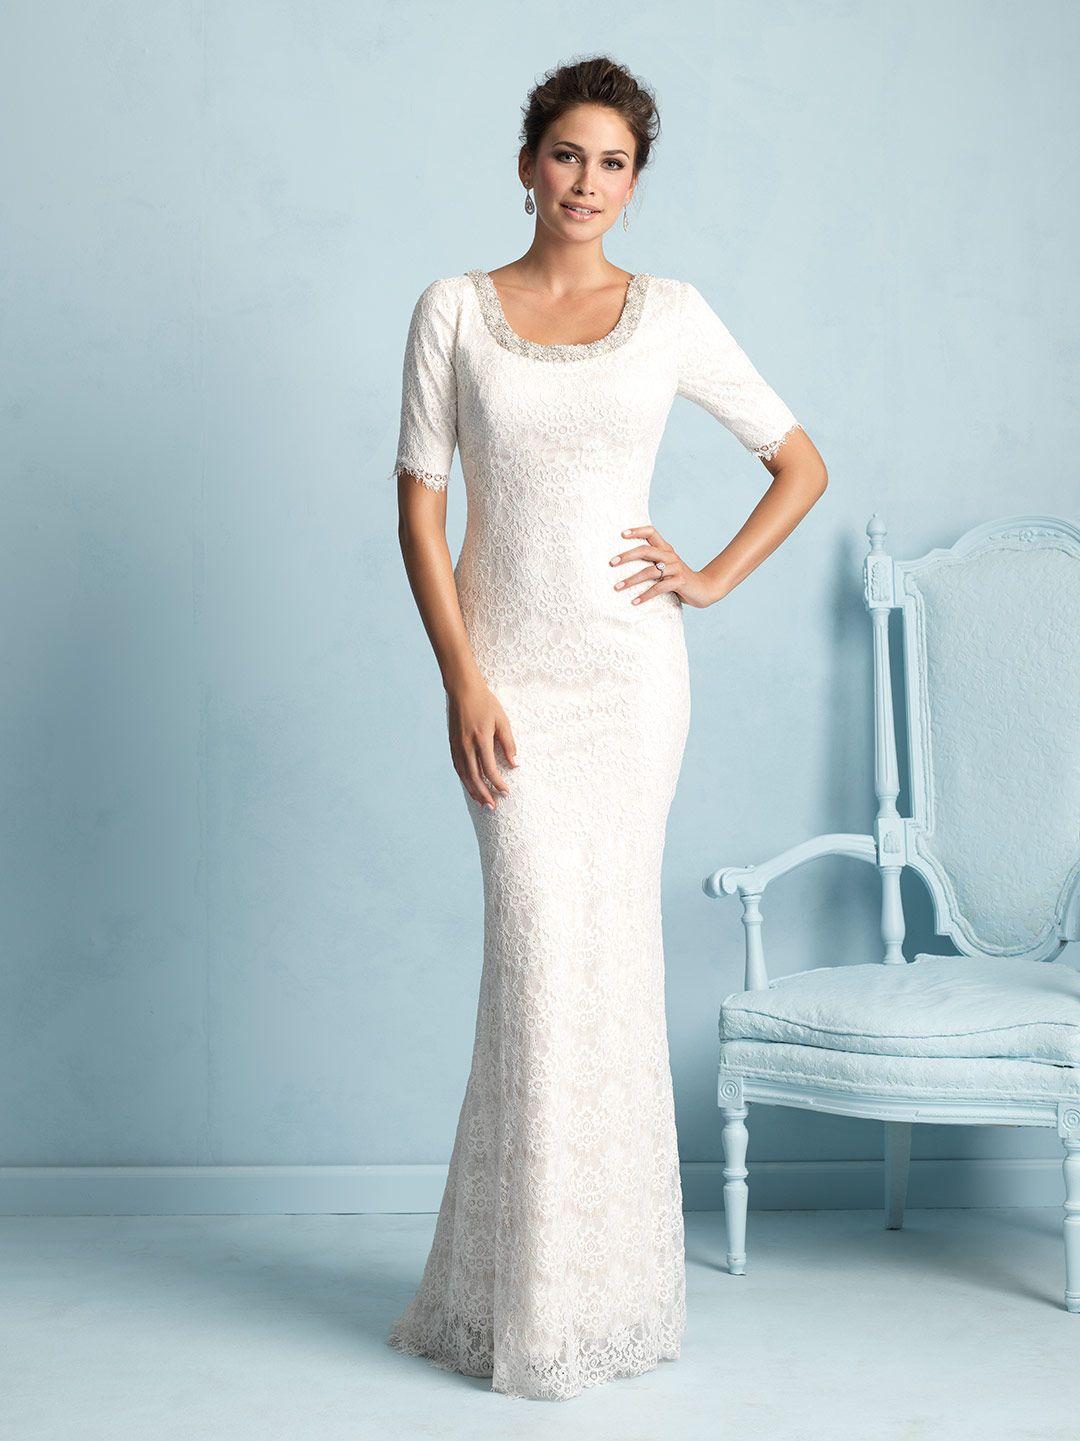 Modest-Wedding-Dresses-Design-1-7 | Modest Wedding Dress | Pinterest ...